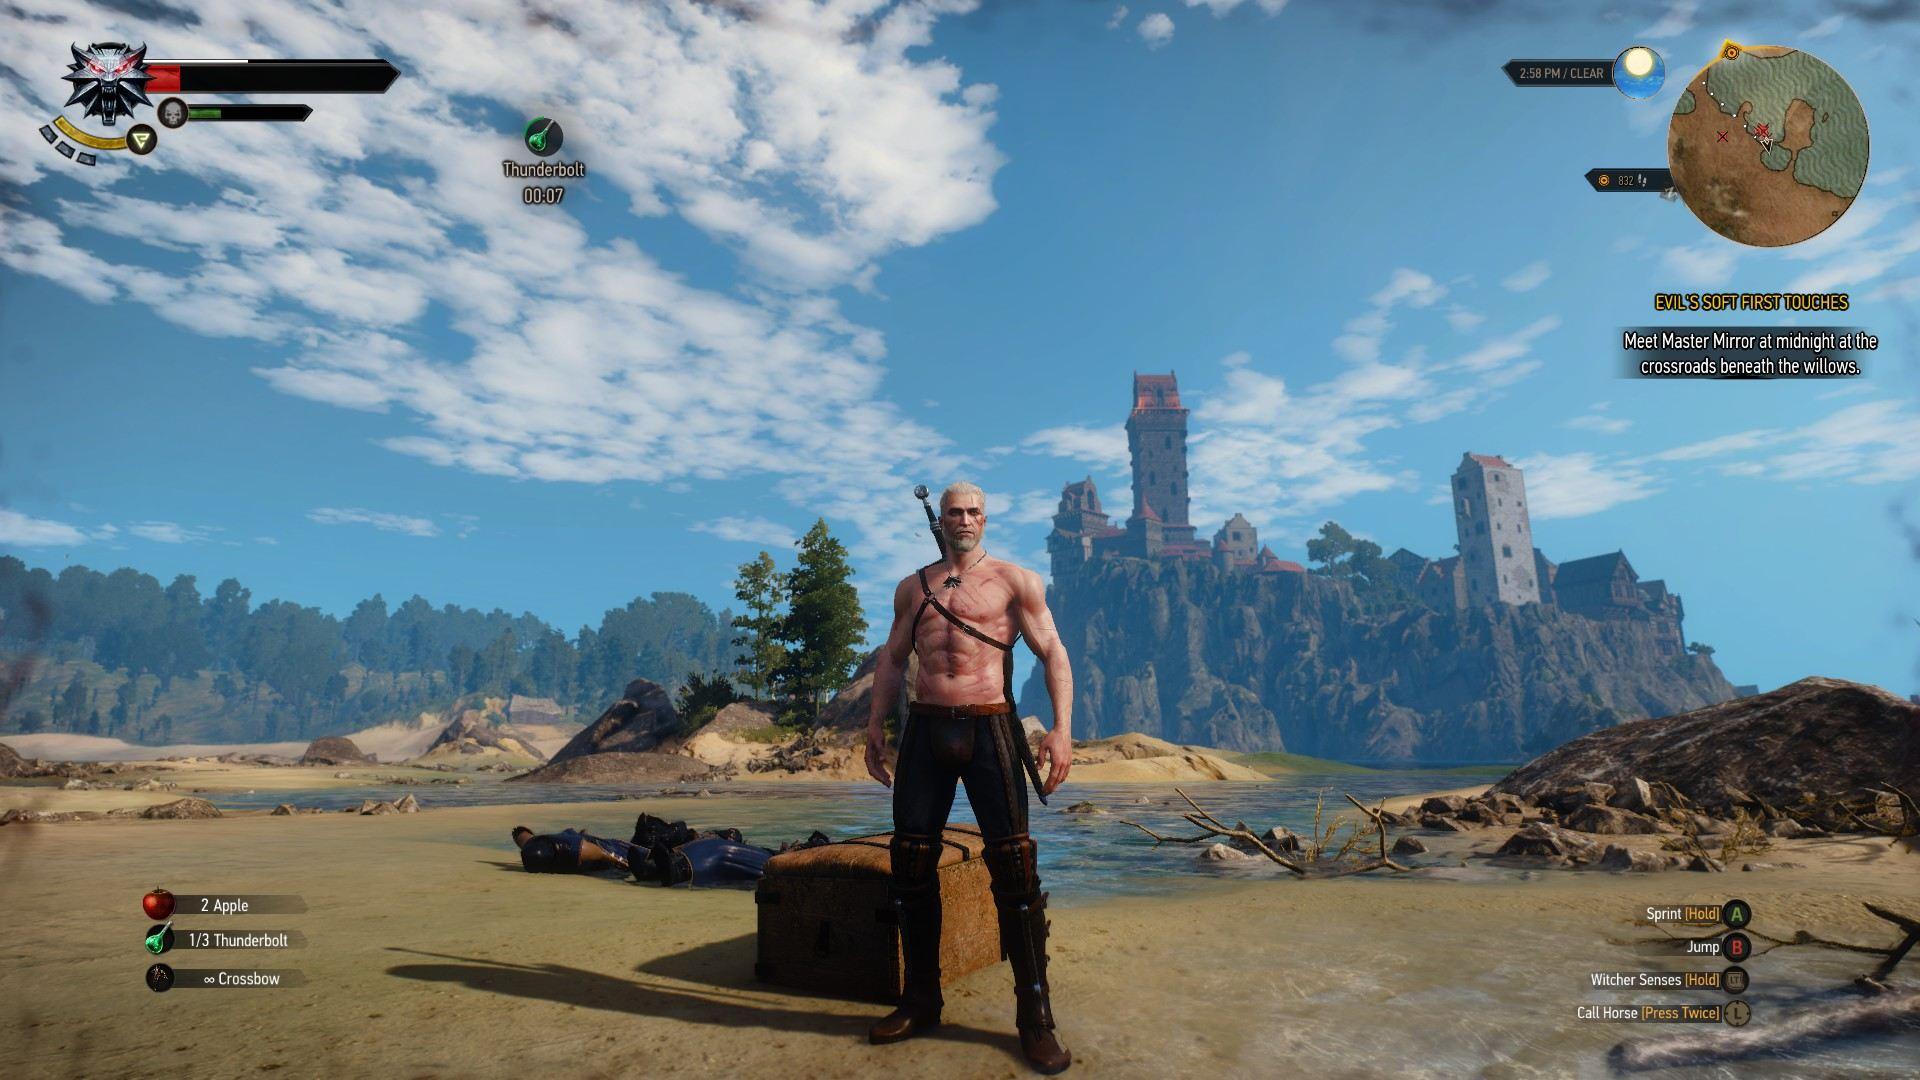 06187465.jpg - Witcher 3: Wild Hunt, the